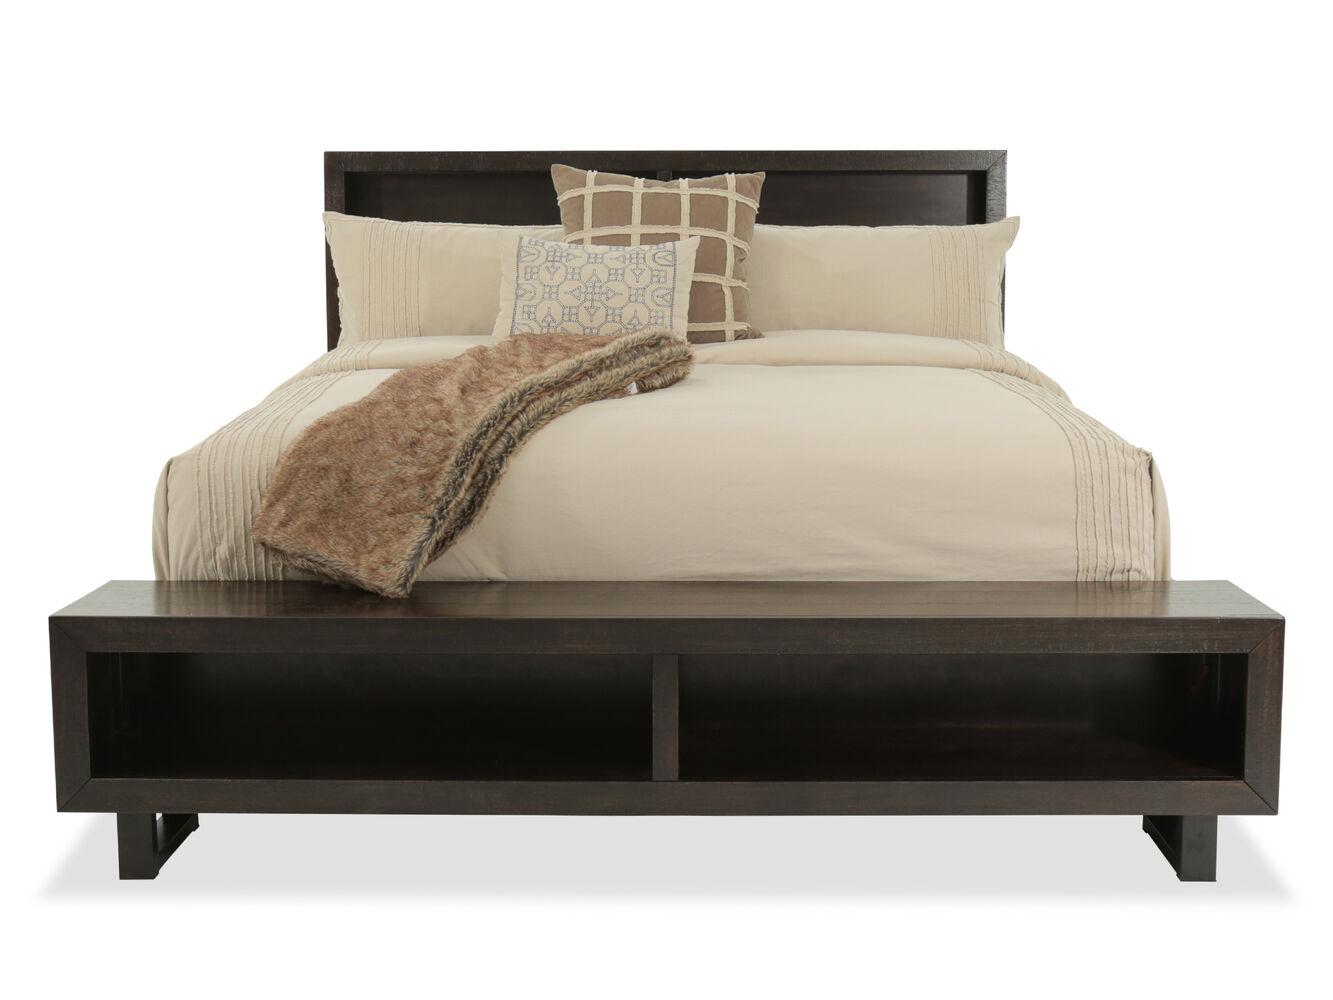 53 Quot Mid Century Modern Storage Bed In Dark Brown Mathis